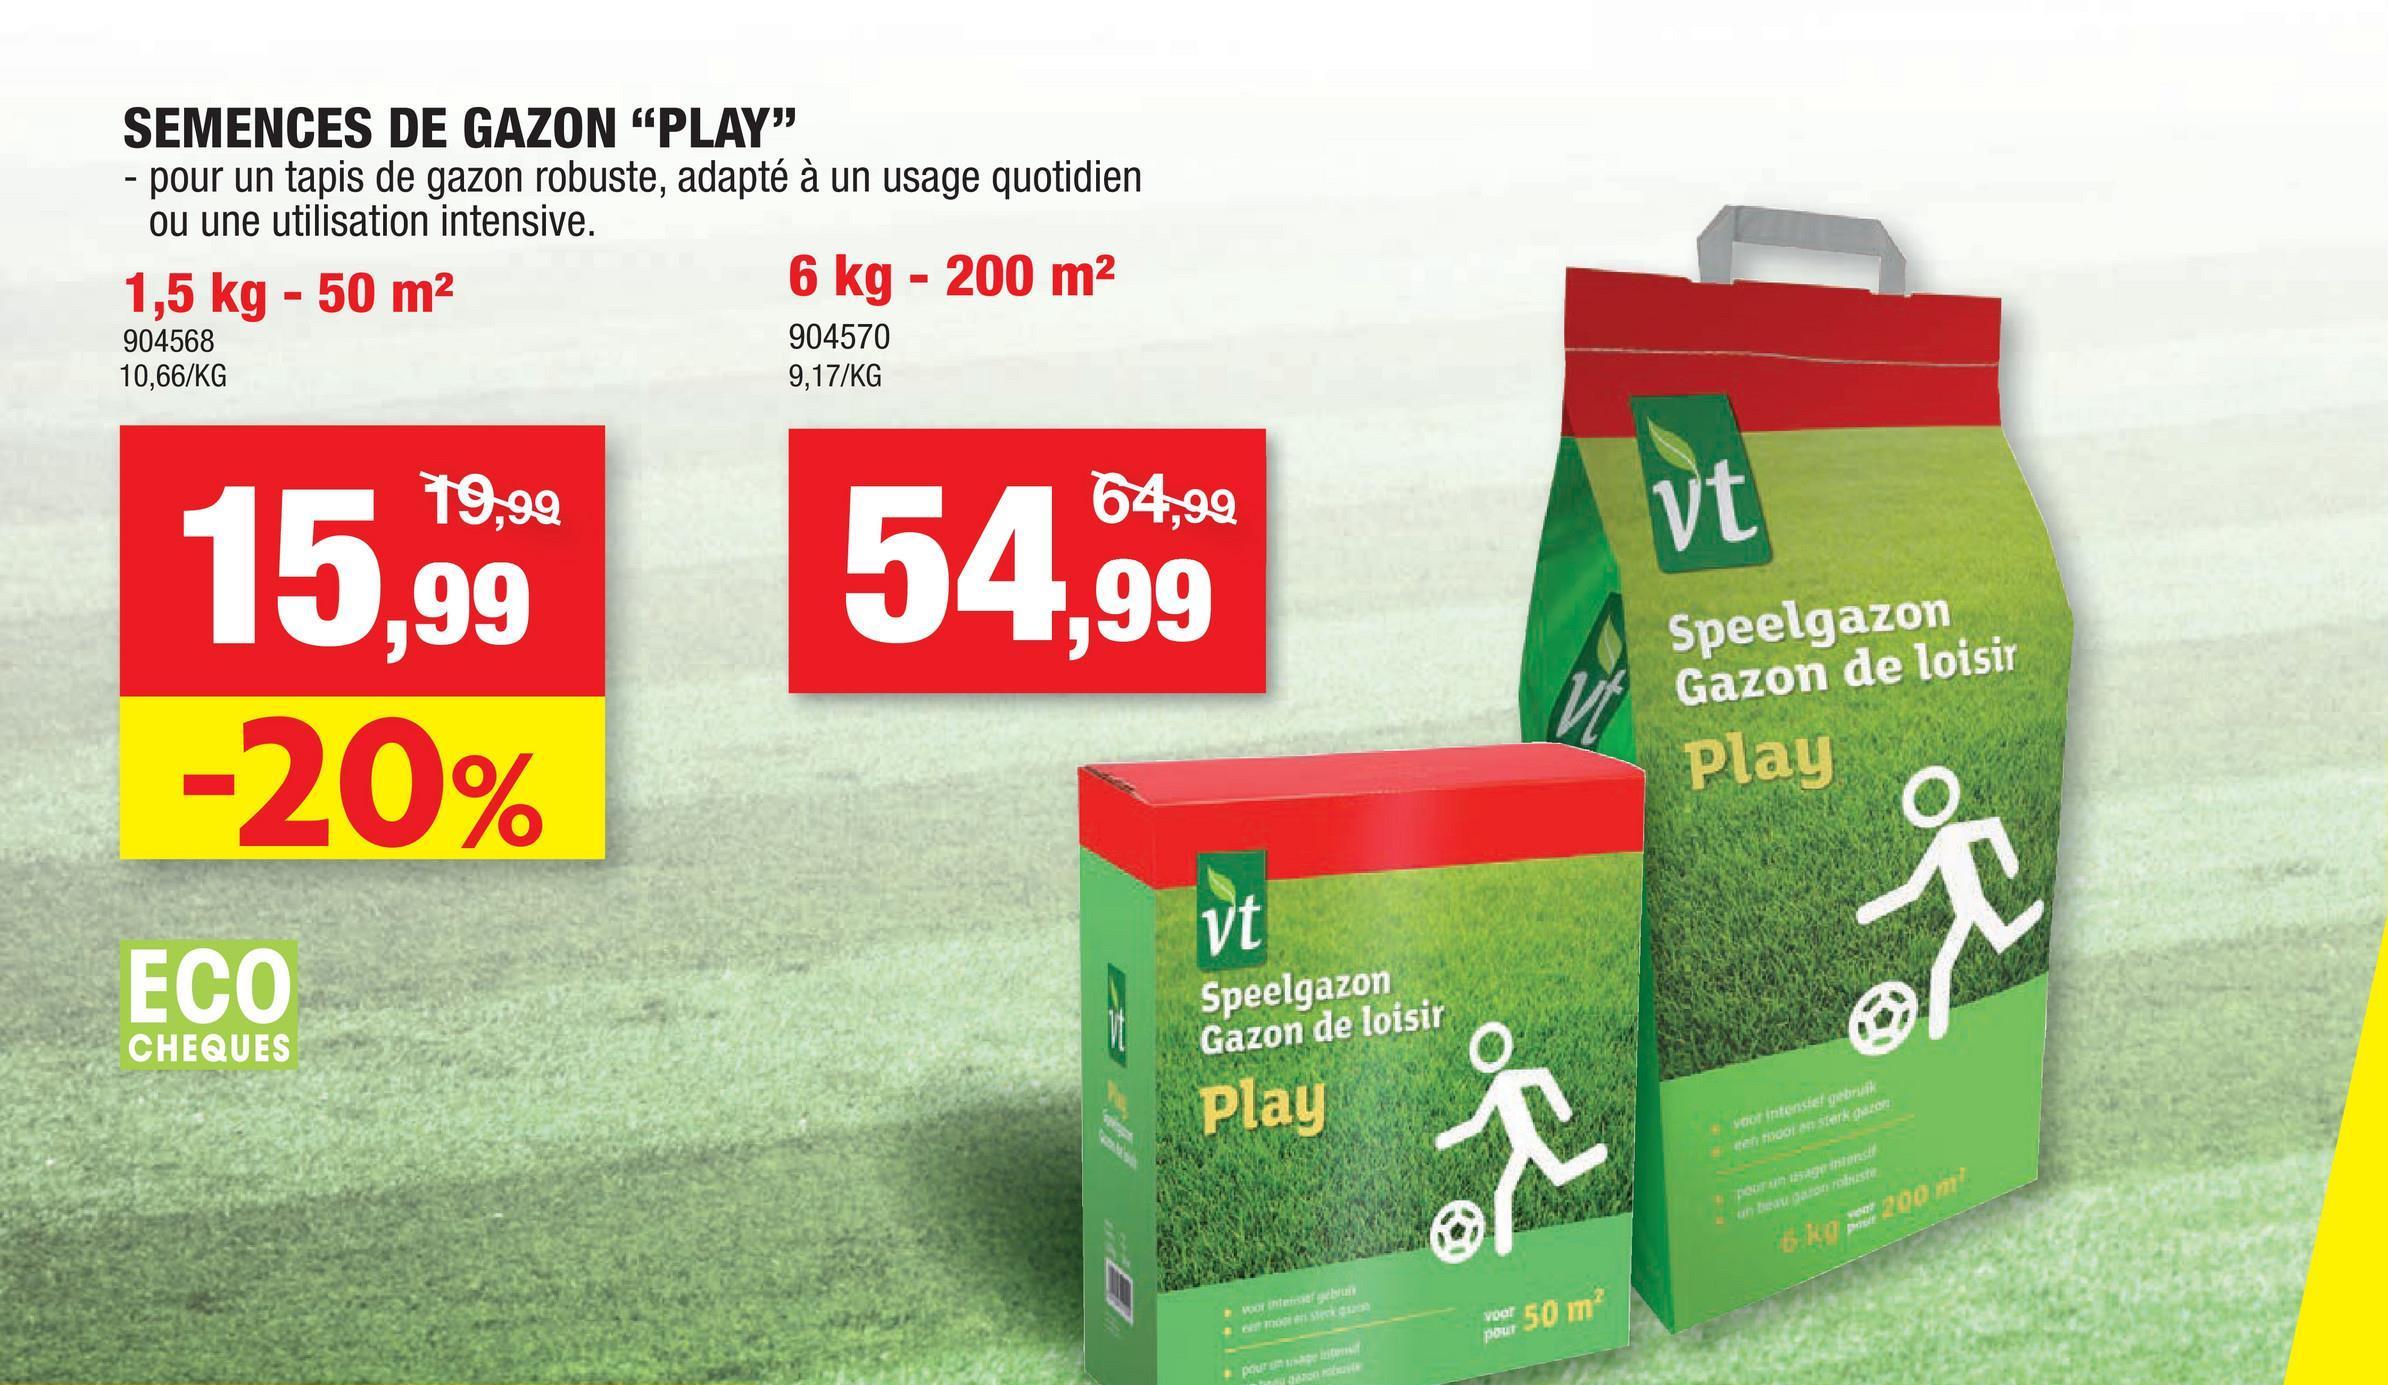 """SEMENCES DE GAZON """"PLAY"""" - pour un tapis de gazon robuste, adapté à un usage quotidien ou une utilisation intensive. 1,5 kg - 50 m2 6 kg - 200 m2 904568 904570 10,66/KG 9,17/KG 19,99 54,99 vt 15.99 -20% vt Speelgazon Gazon de loisir Play vt R ECO Speelgazon Gazon de loisir CHEQUES Play voor intensief gebruik een Monterk gacor R Pour agentes un saste sep 200 m Inters . marnegum powl 50 172 podrom"""